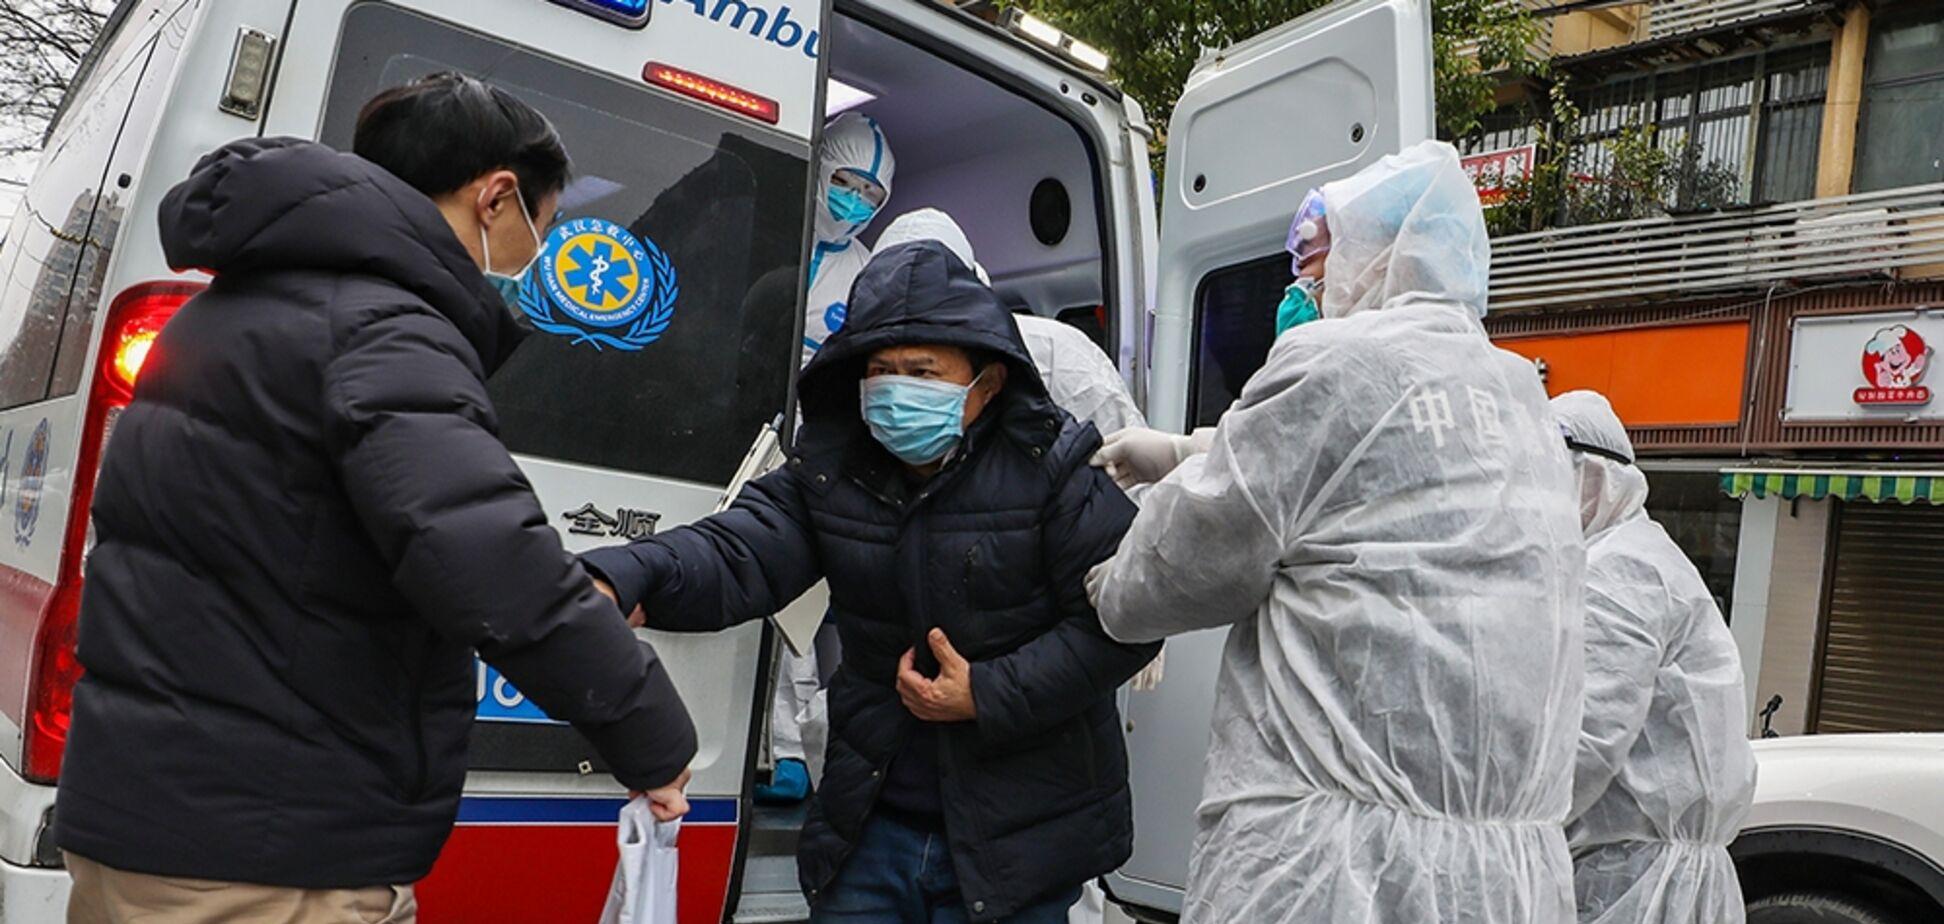 Таїланд оголосив про чотири нові випадки зараження коронавірусом. Джерело: nachedeu.com